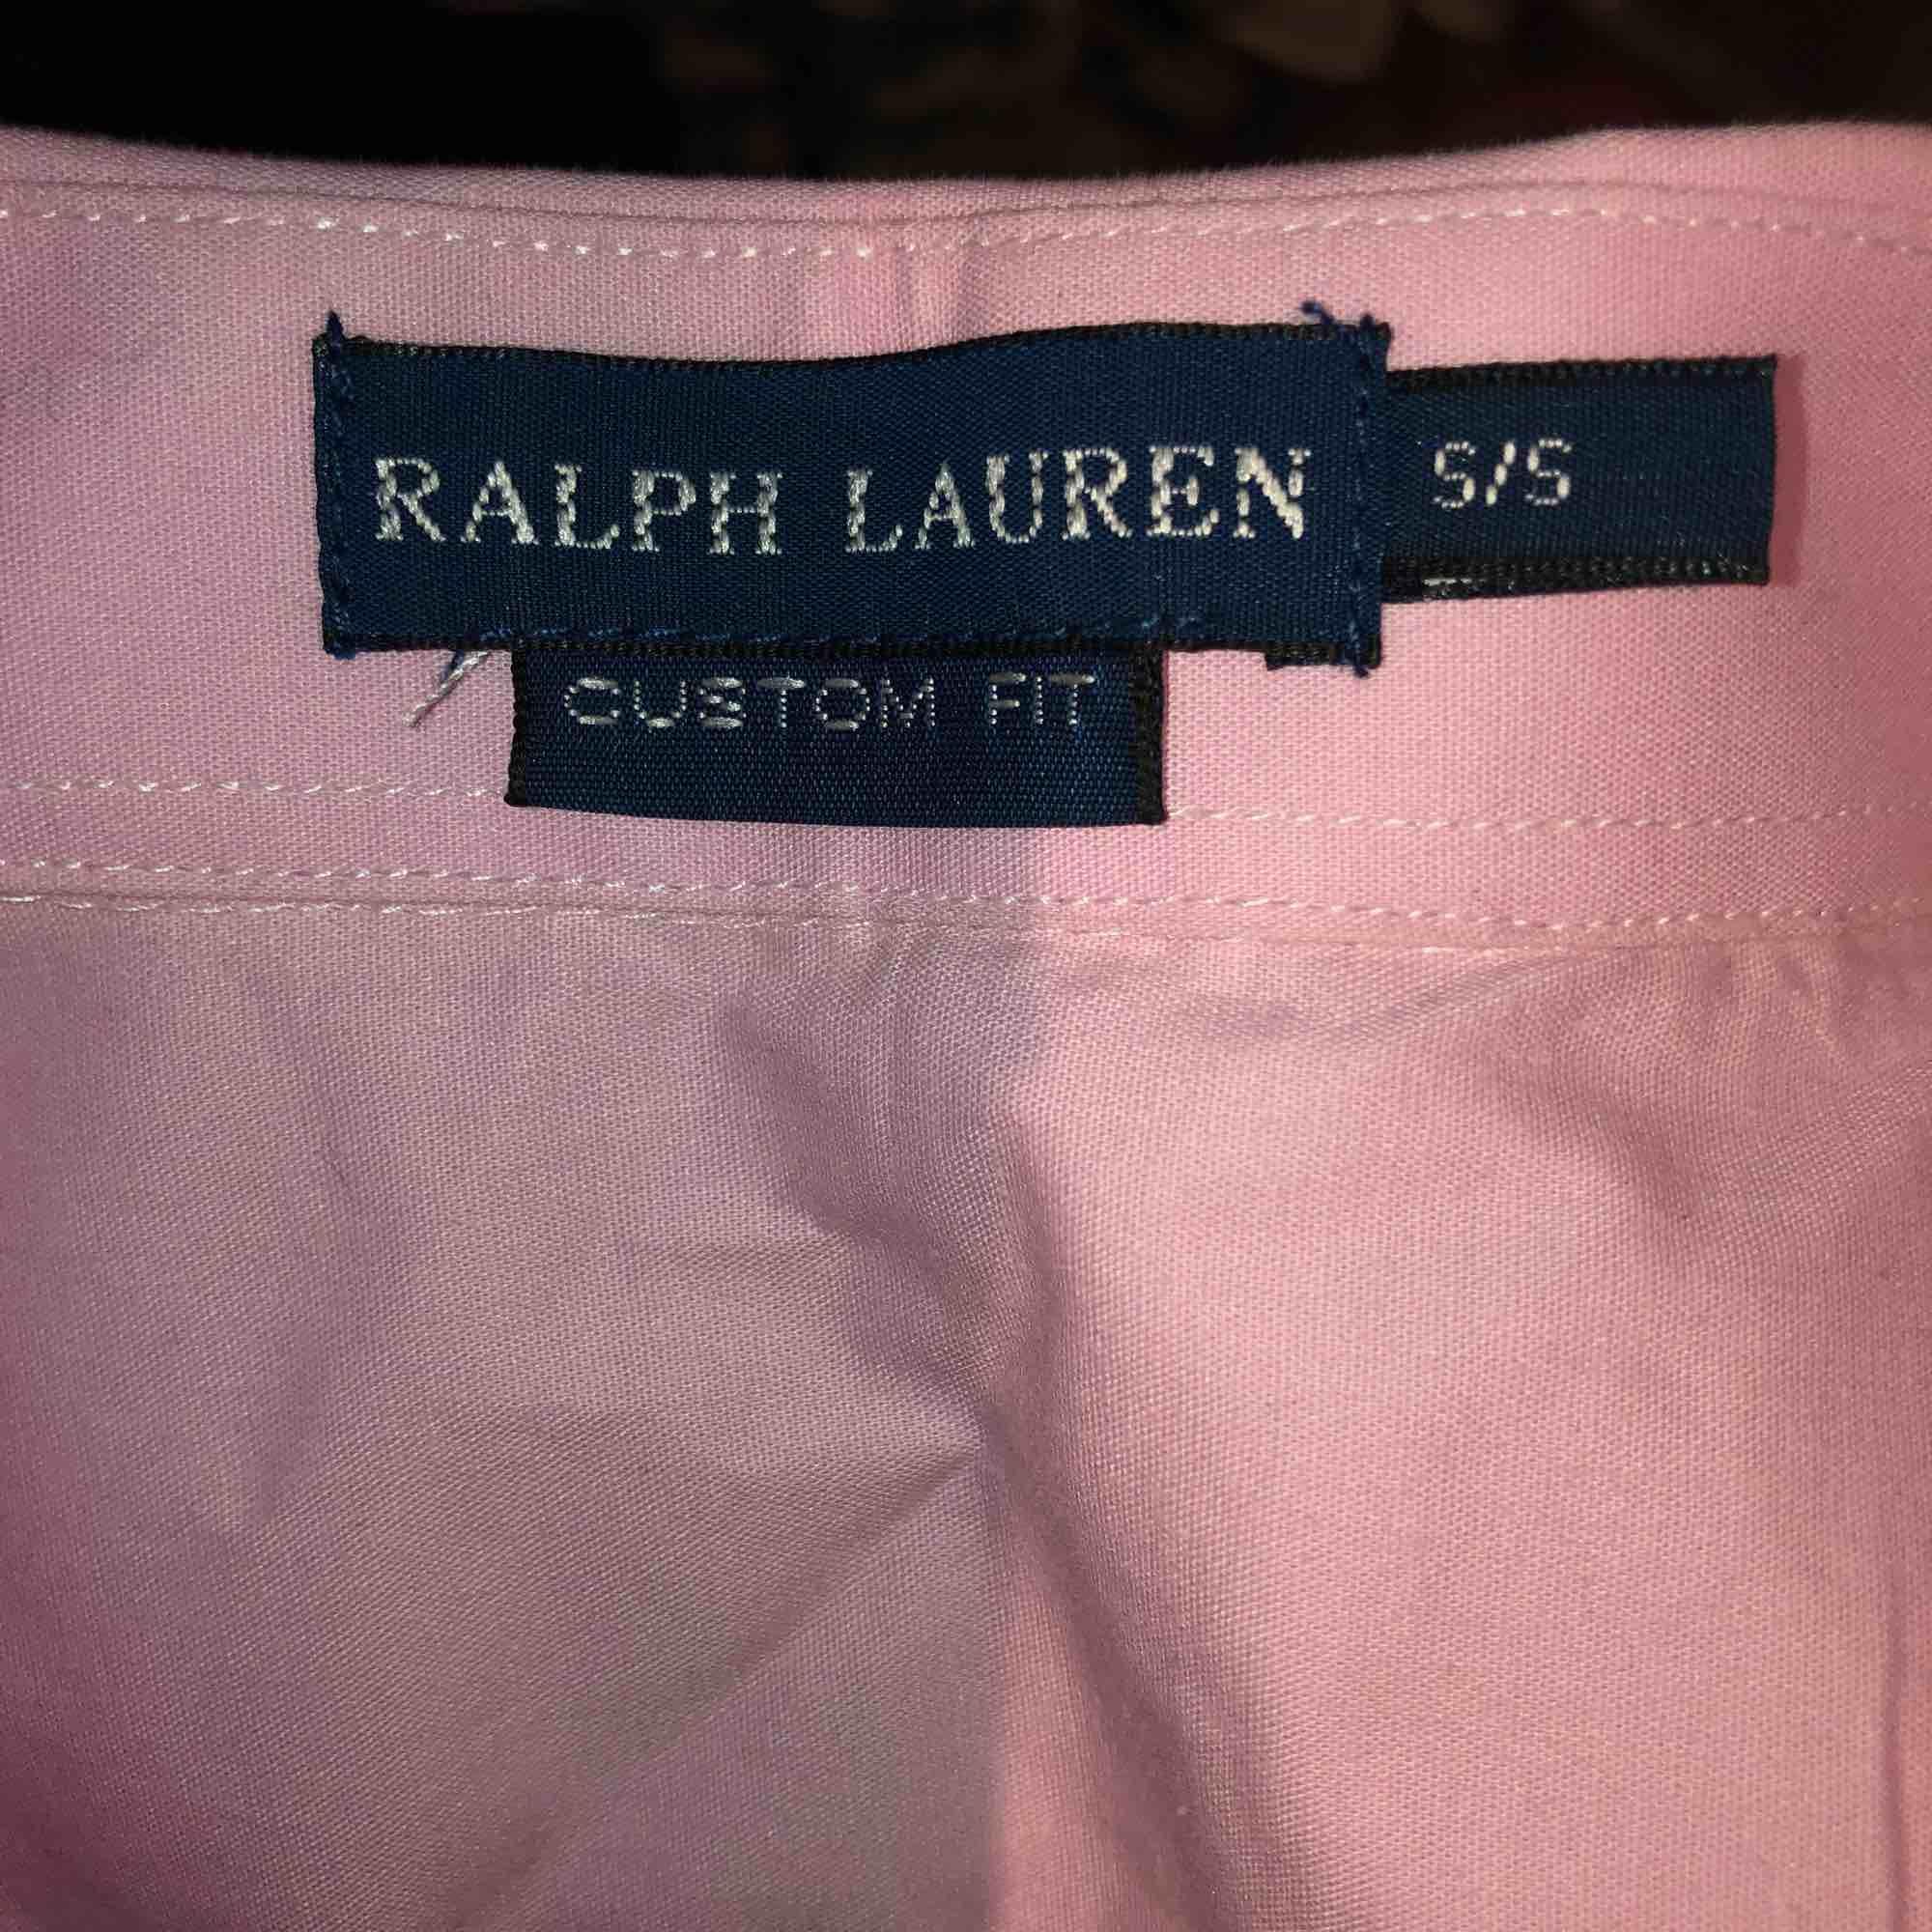 Fin skjorta från ralph lauren (fake). Den är inte äkta men väldigt fin kvalite! Står strl s men skulle mer säga att den är strl xxs då den är väldigt liten i strl💗. Skjortor.